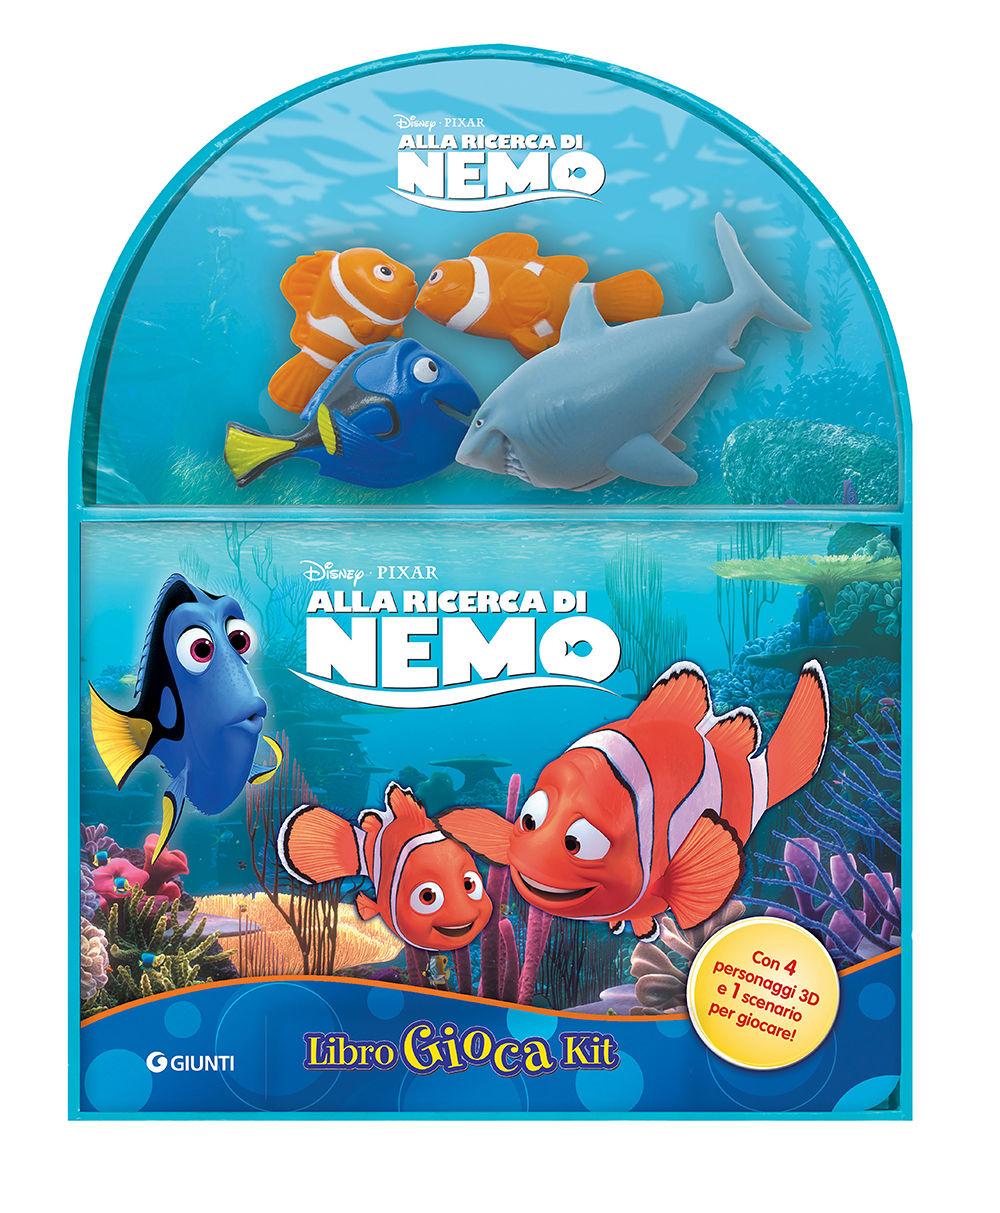 LibroGiocaKit - Alla ricerca di Nemo